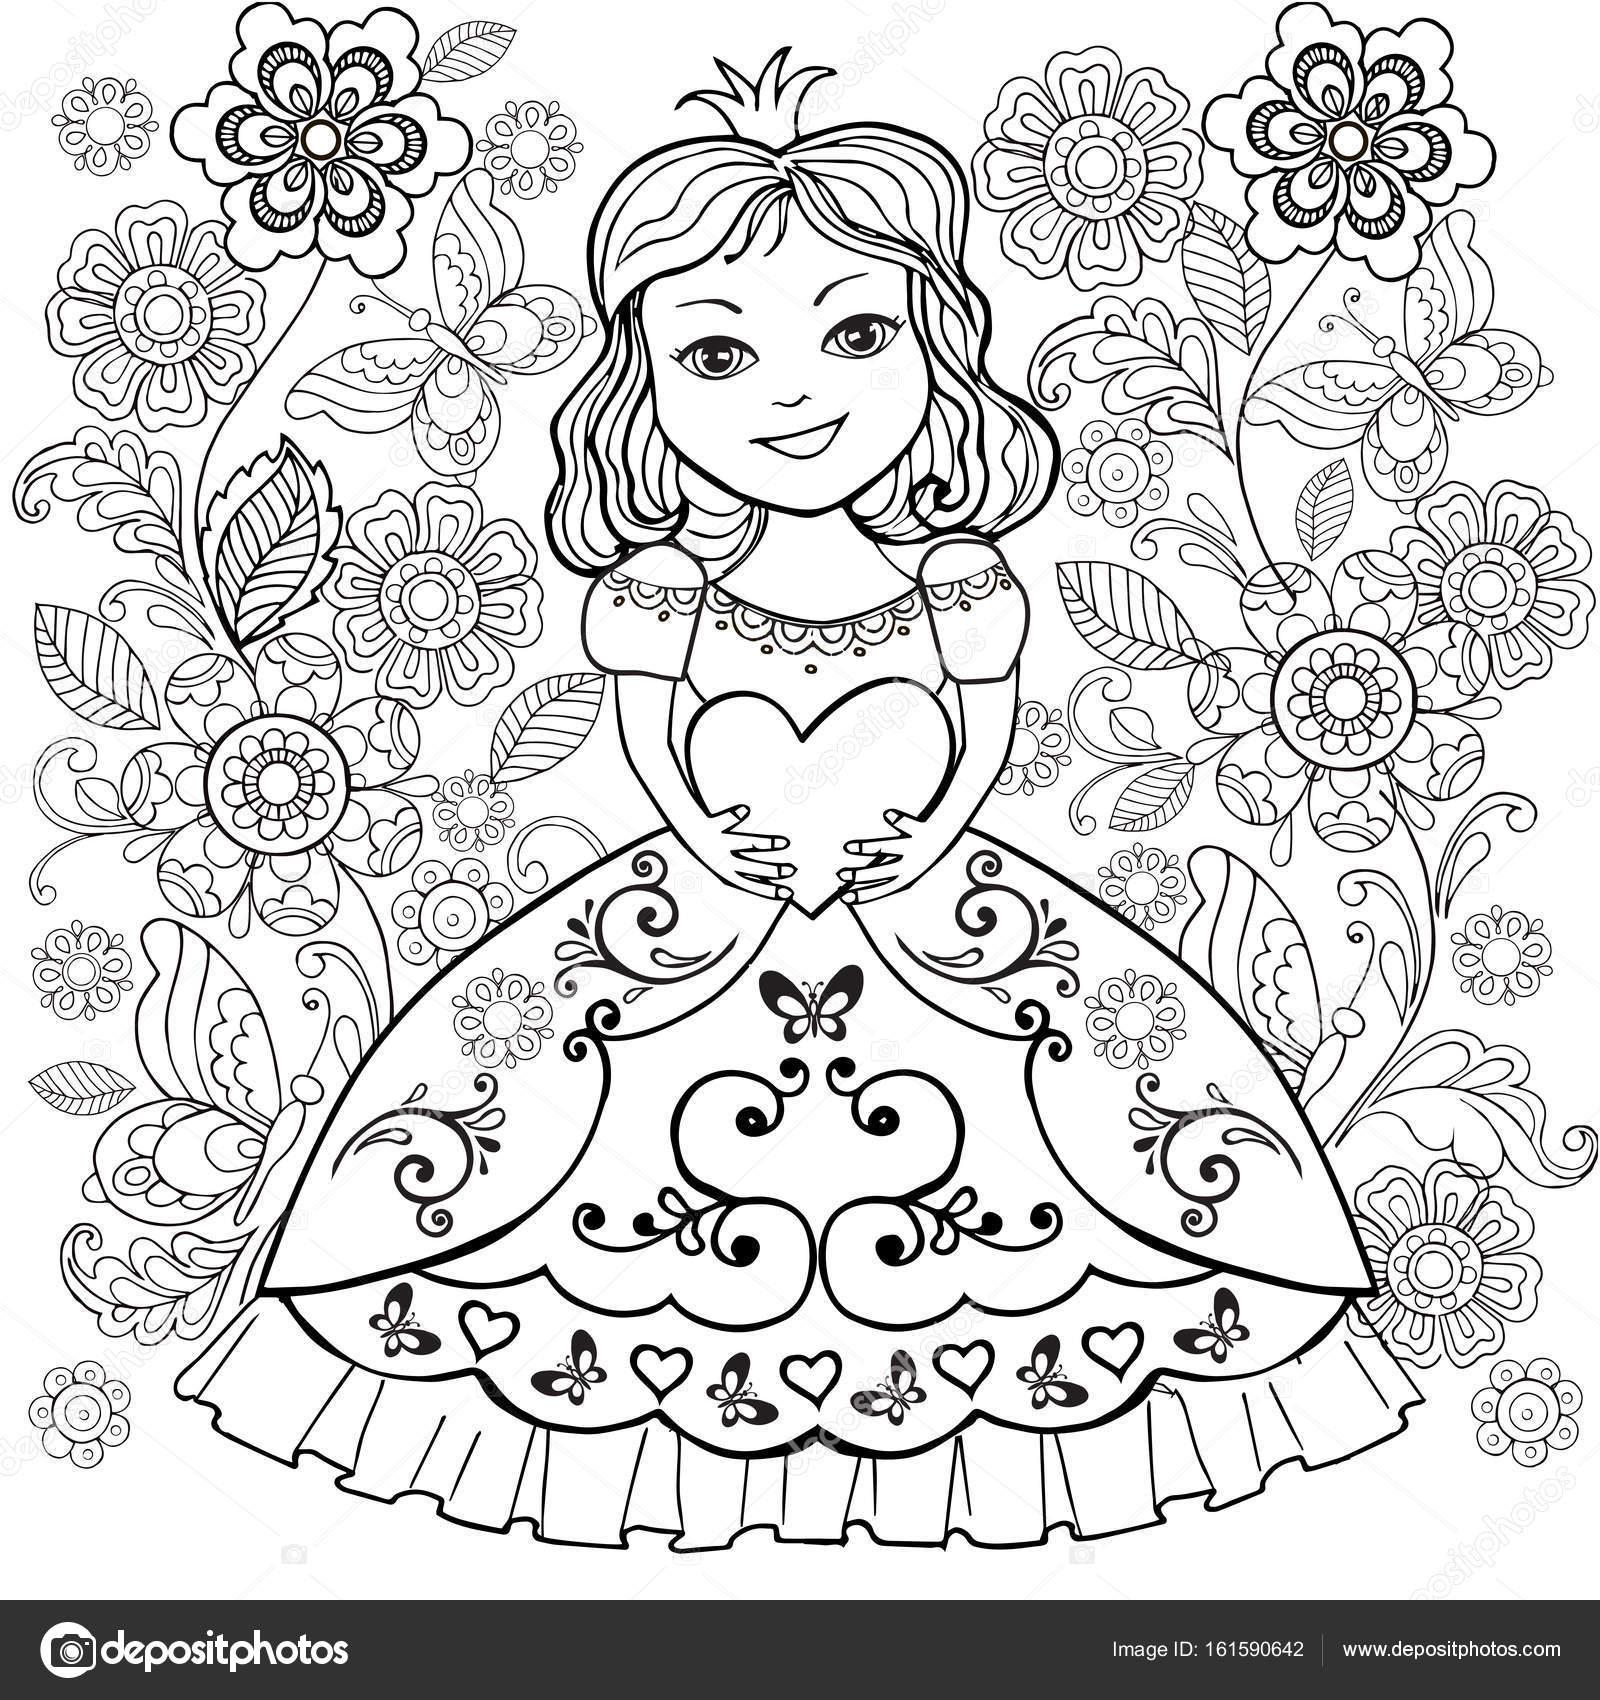 kleurboek met kleine princesa hart in zijn handen het